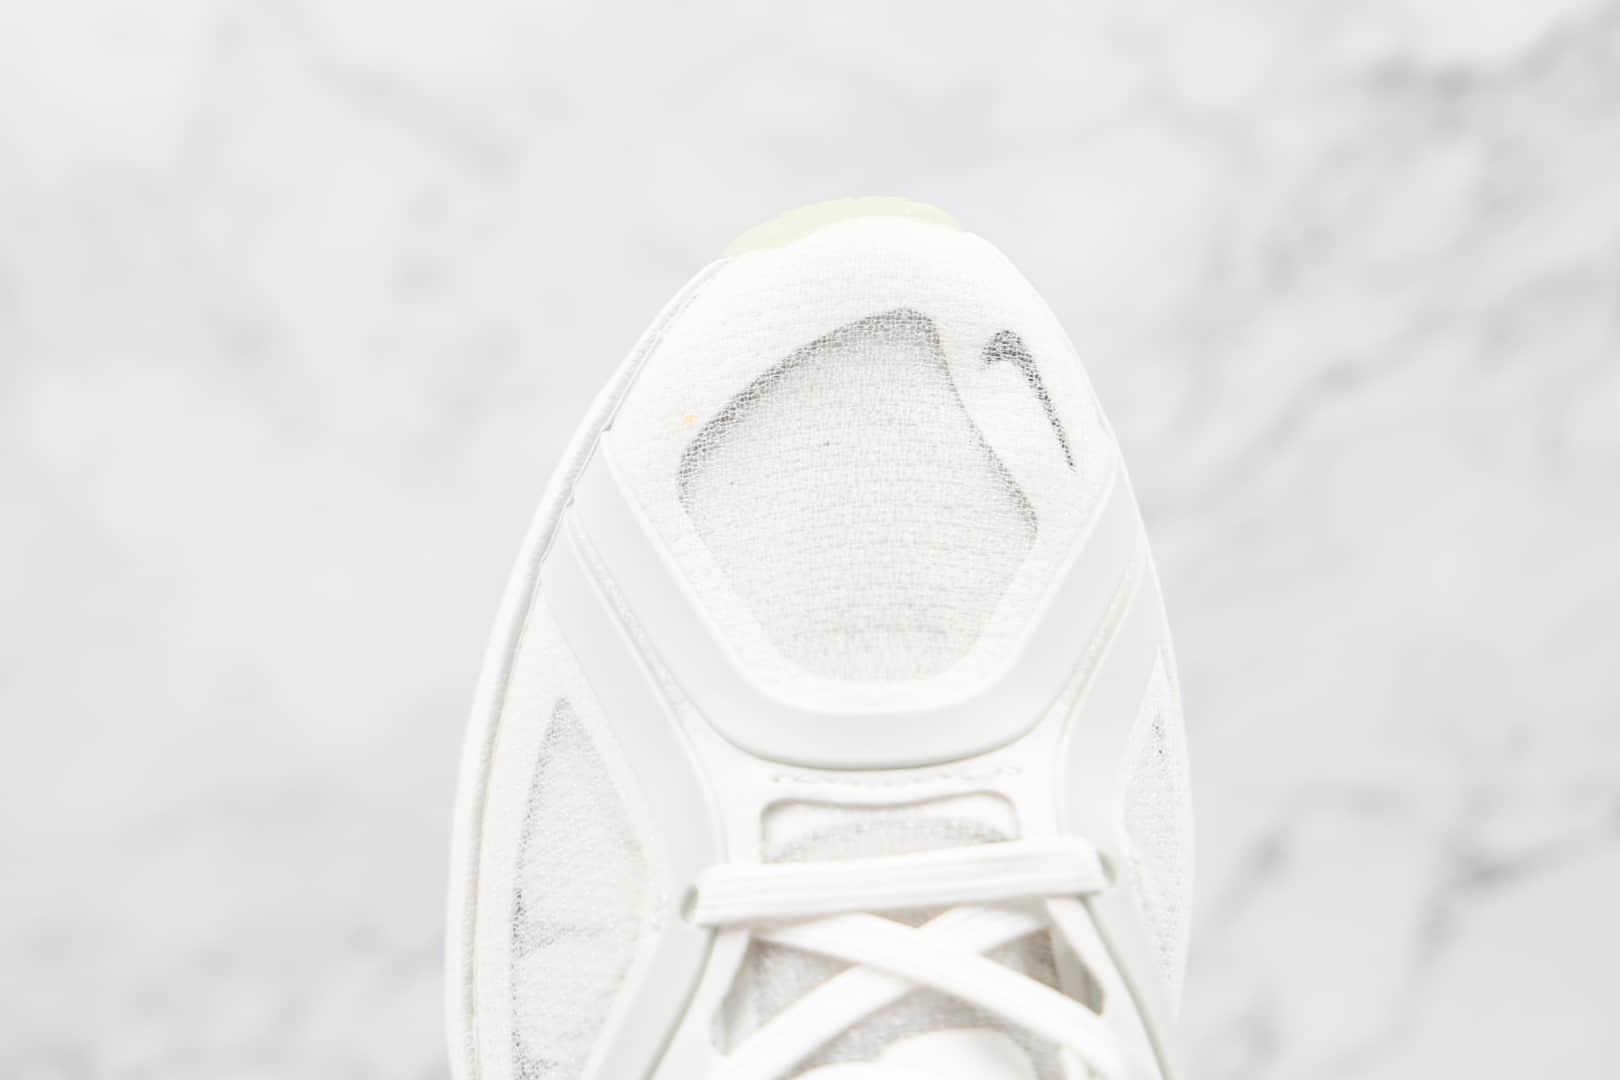 耐克NIKE AIR MAX 270纯原版本半透明max270厚底白色网面气垫鞋真小潘气垫 货号:CU9430-100